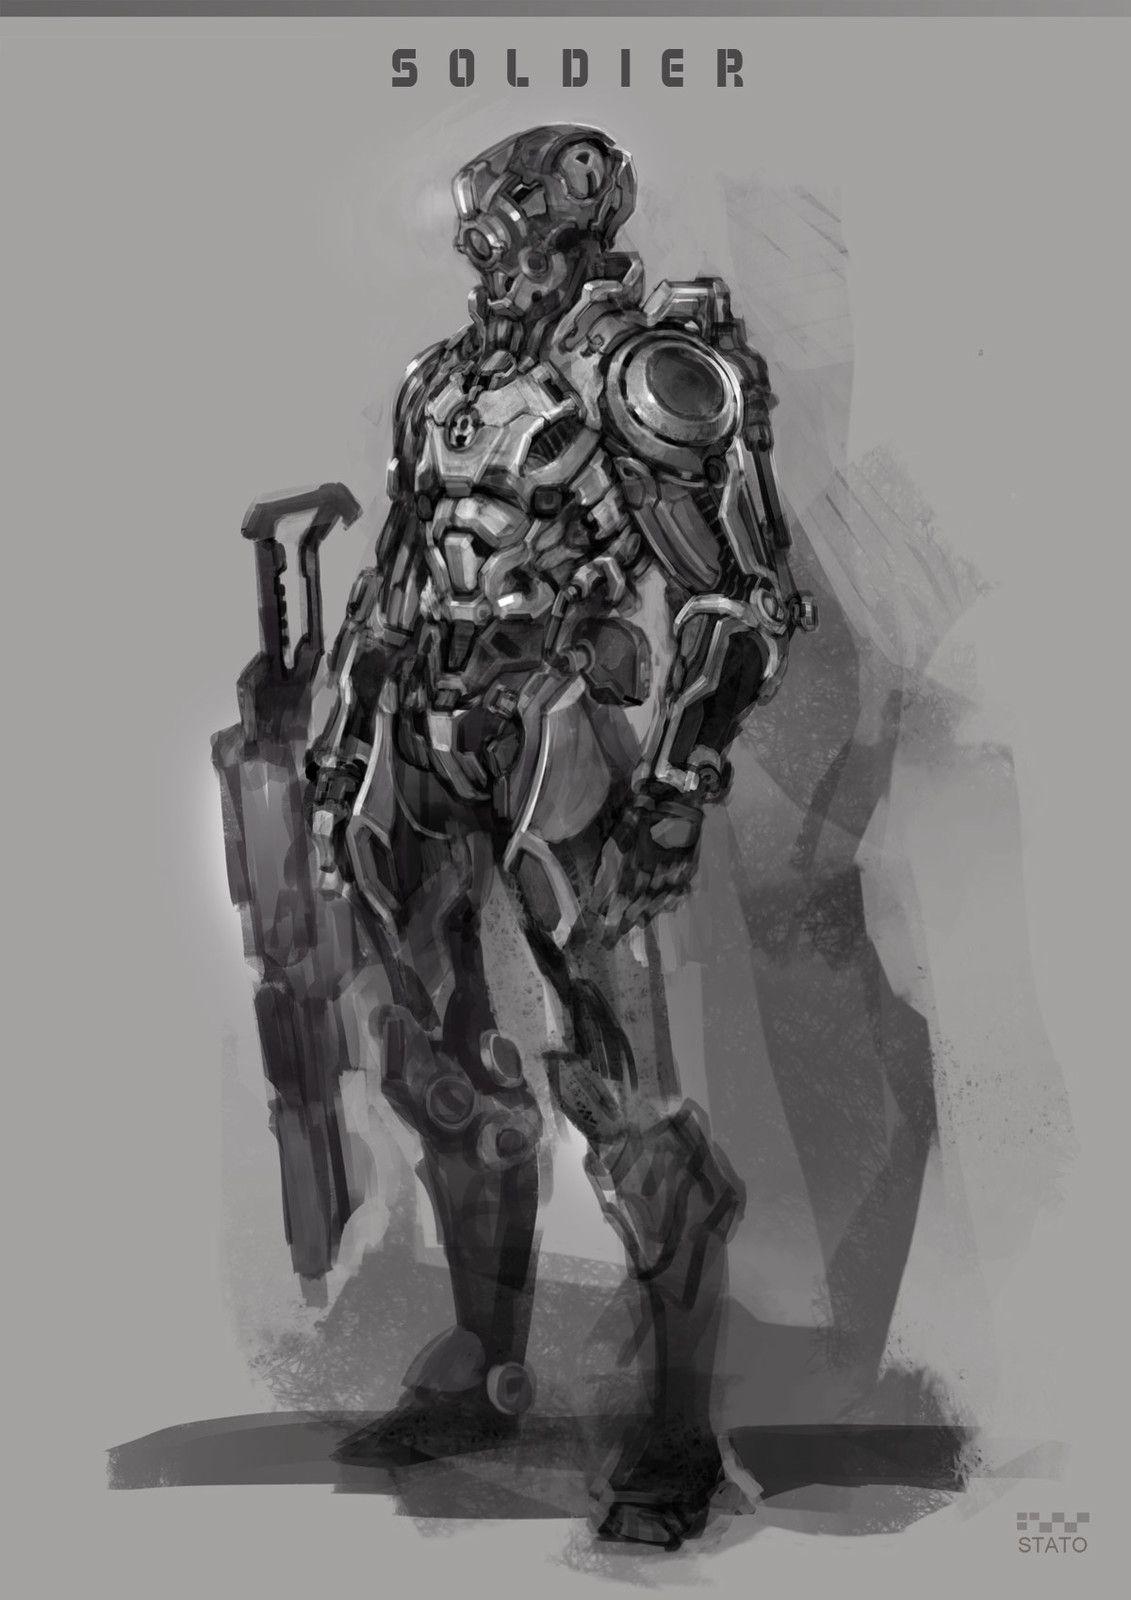 Sci-fi Future Cyborg Soldier in exoskeleton armor 01~08, Stato Ozo on ArtStation at https://www.artstation.com/artwork/d9VlQ